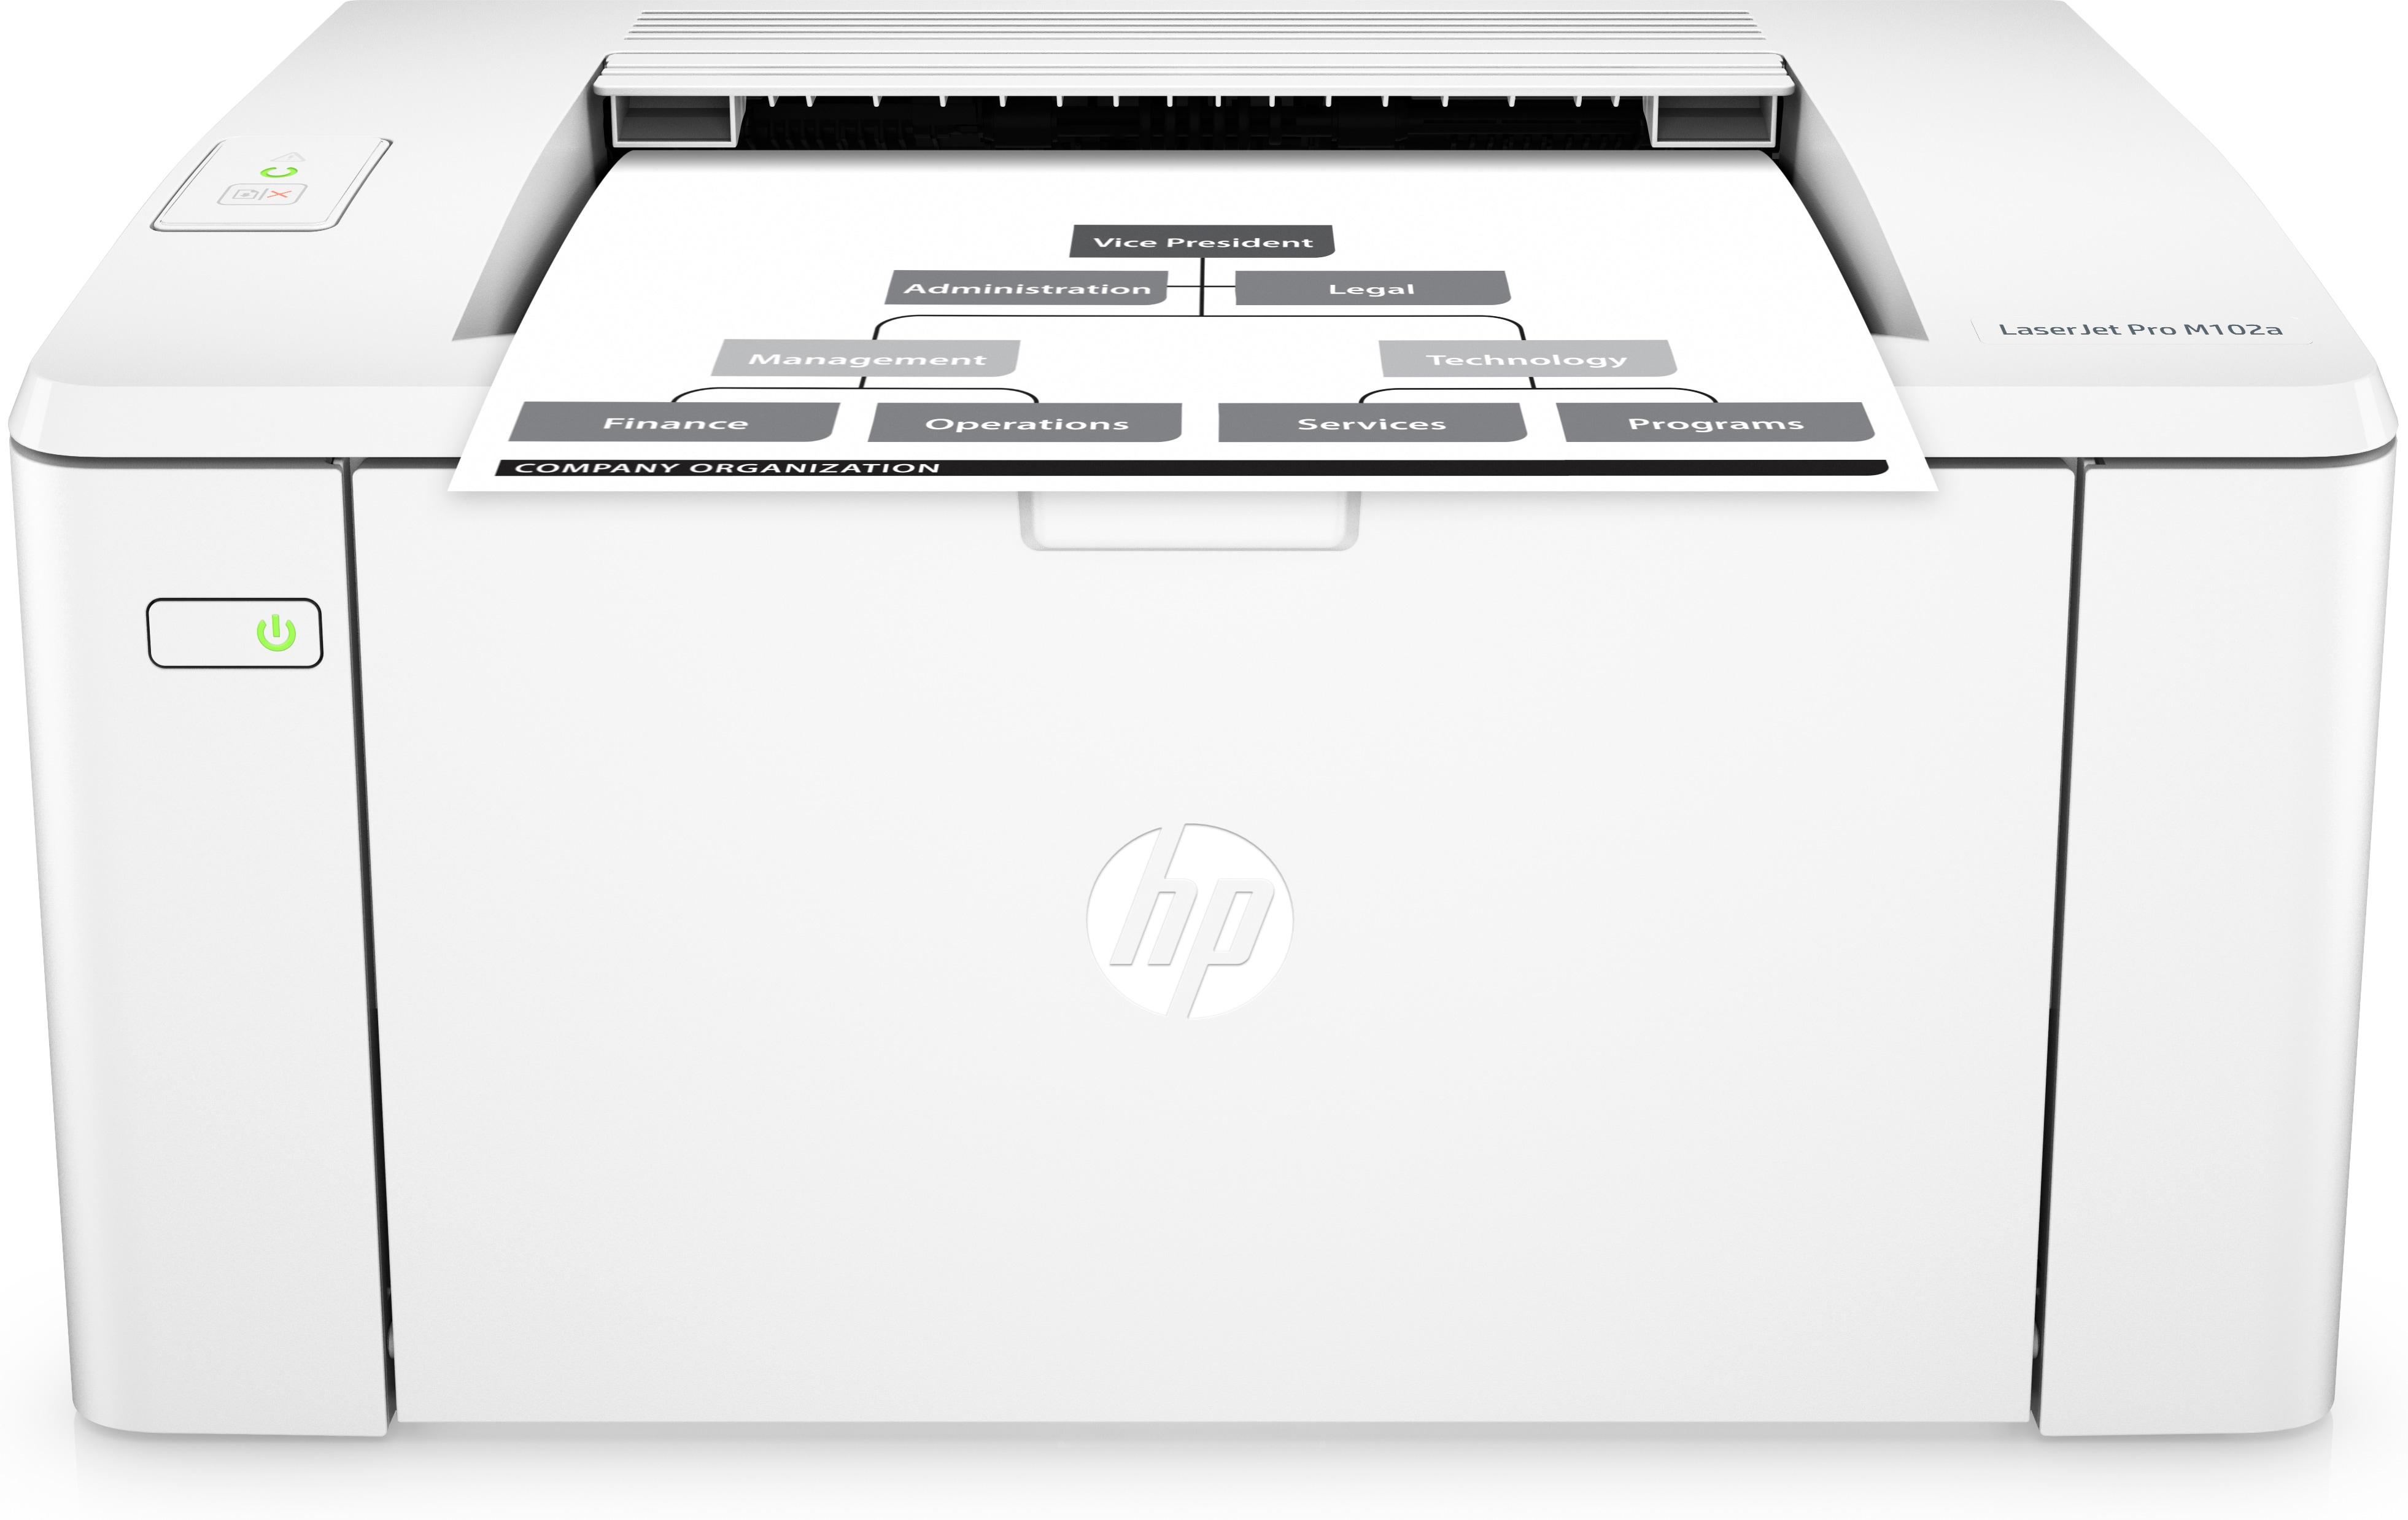 HP LaserJet Pro M102a, S/W Laser, A4